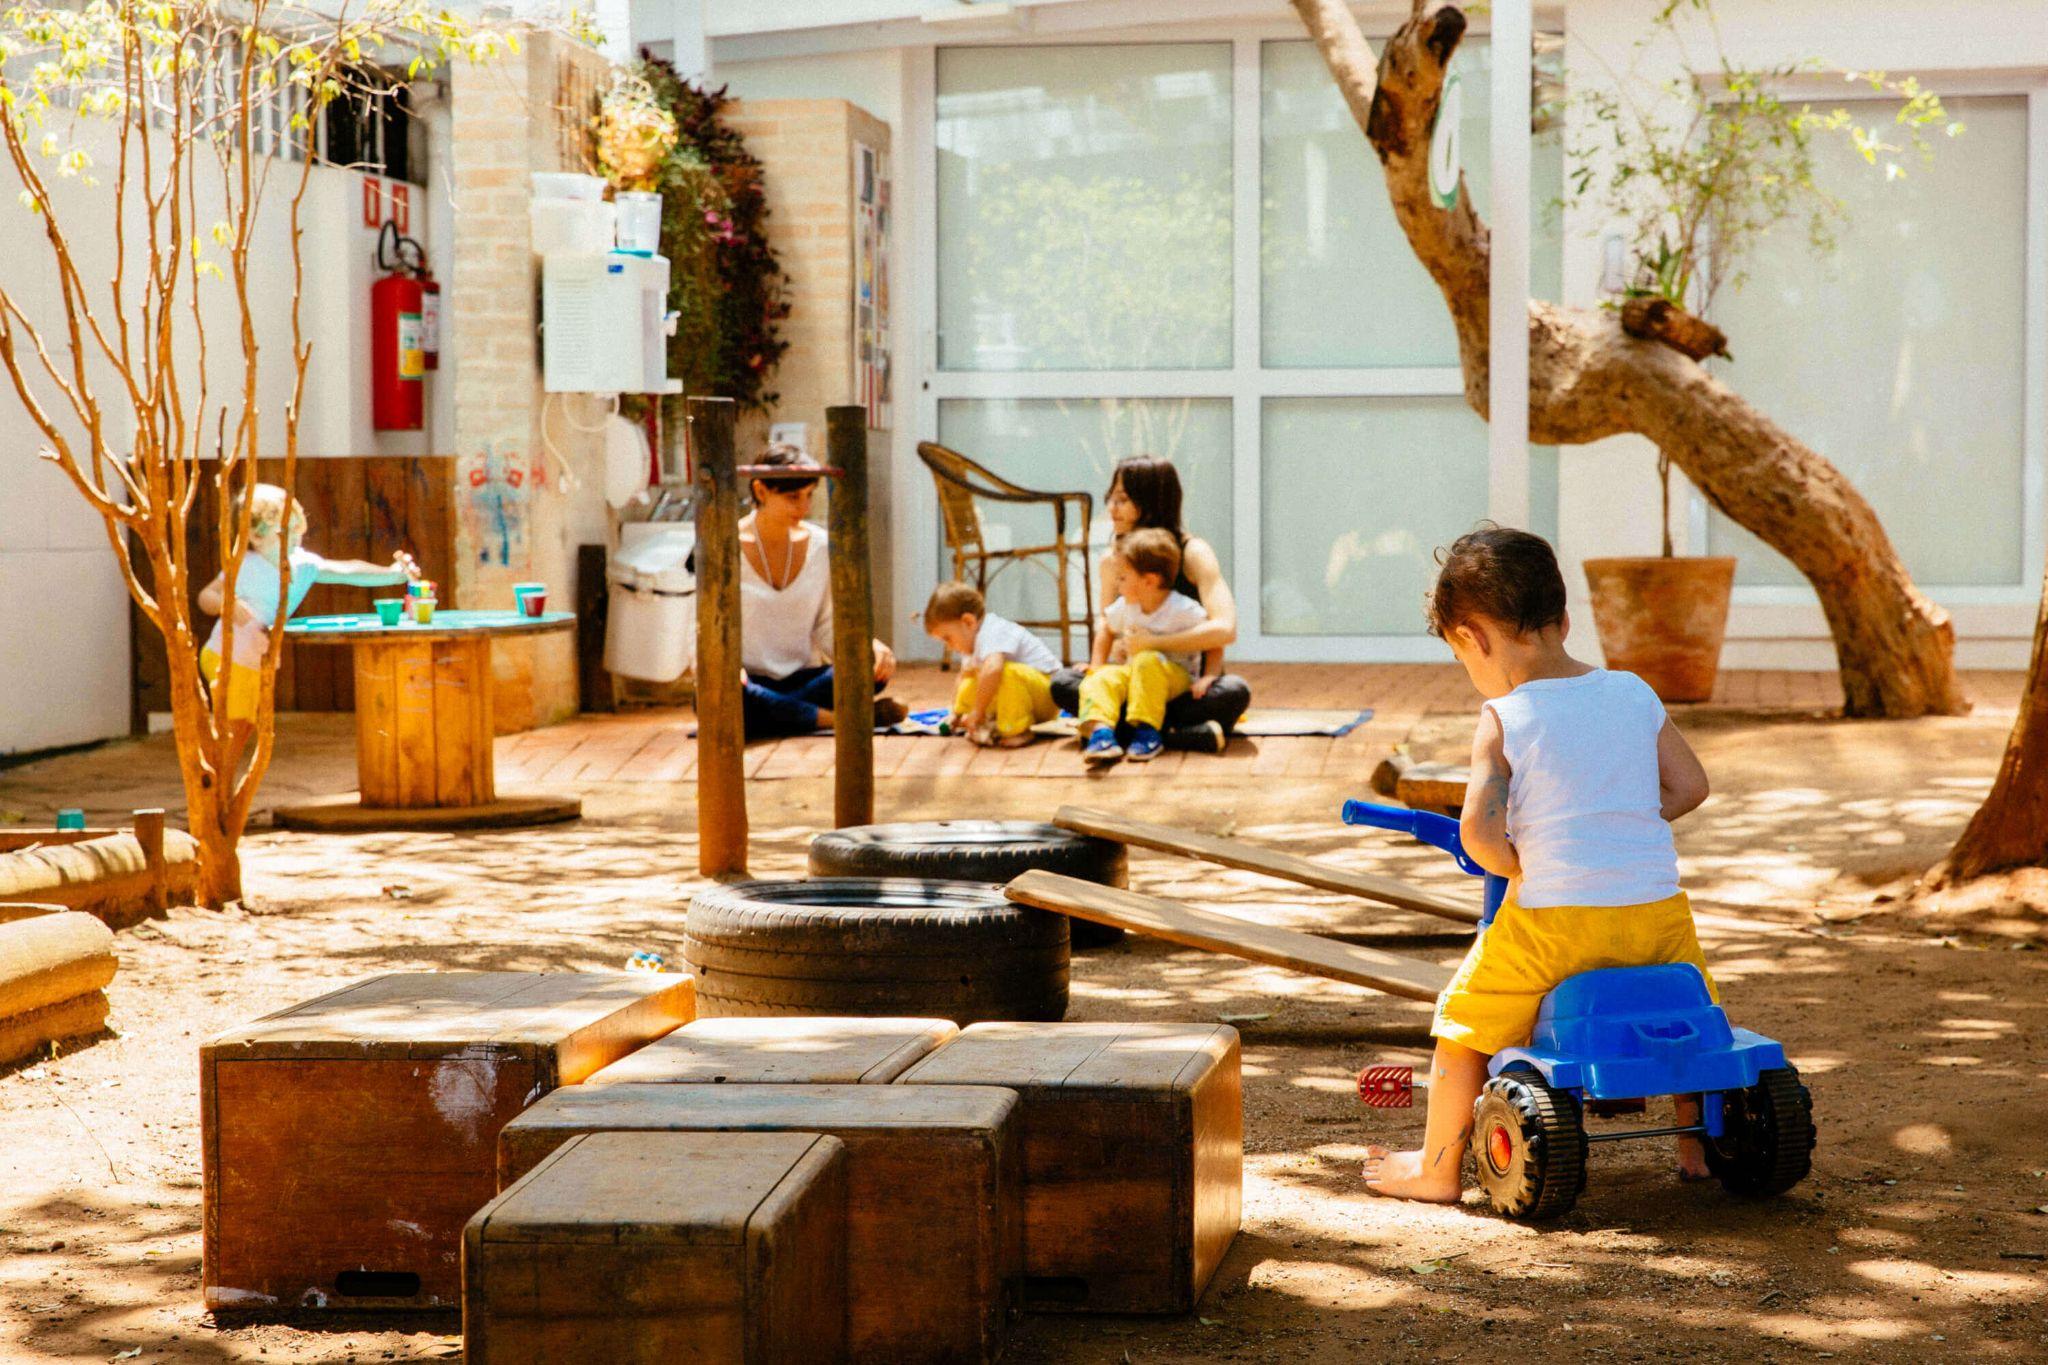 A imagem mostra um grupo de crianças brincando em um quintal.